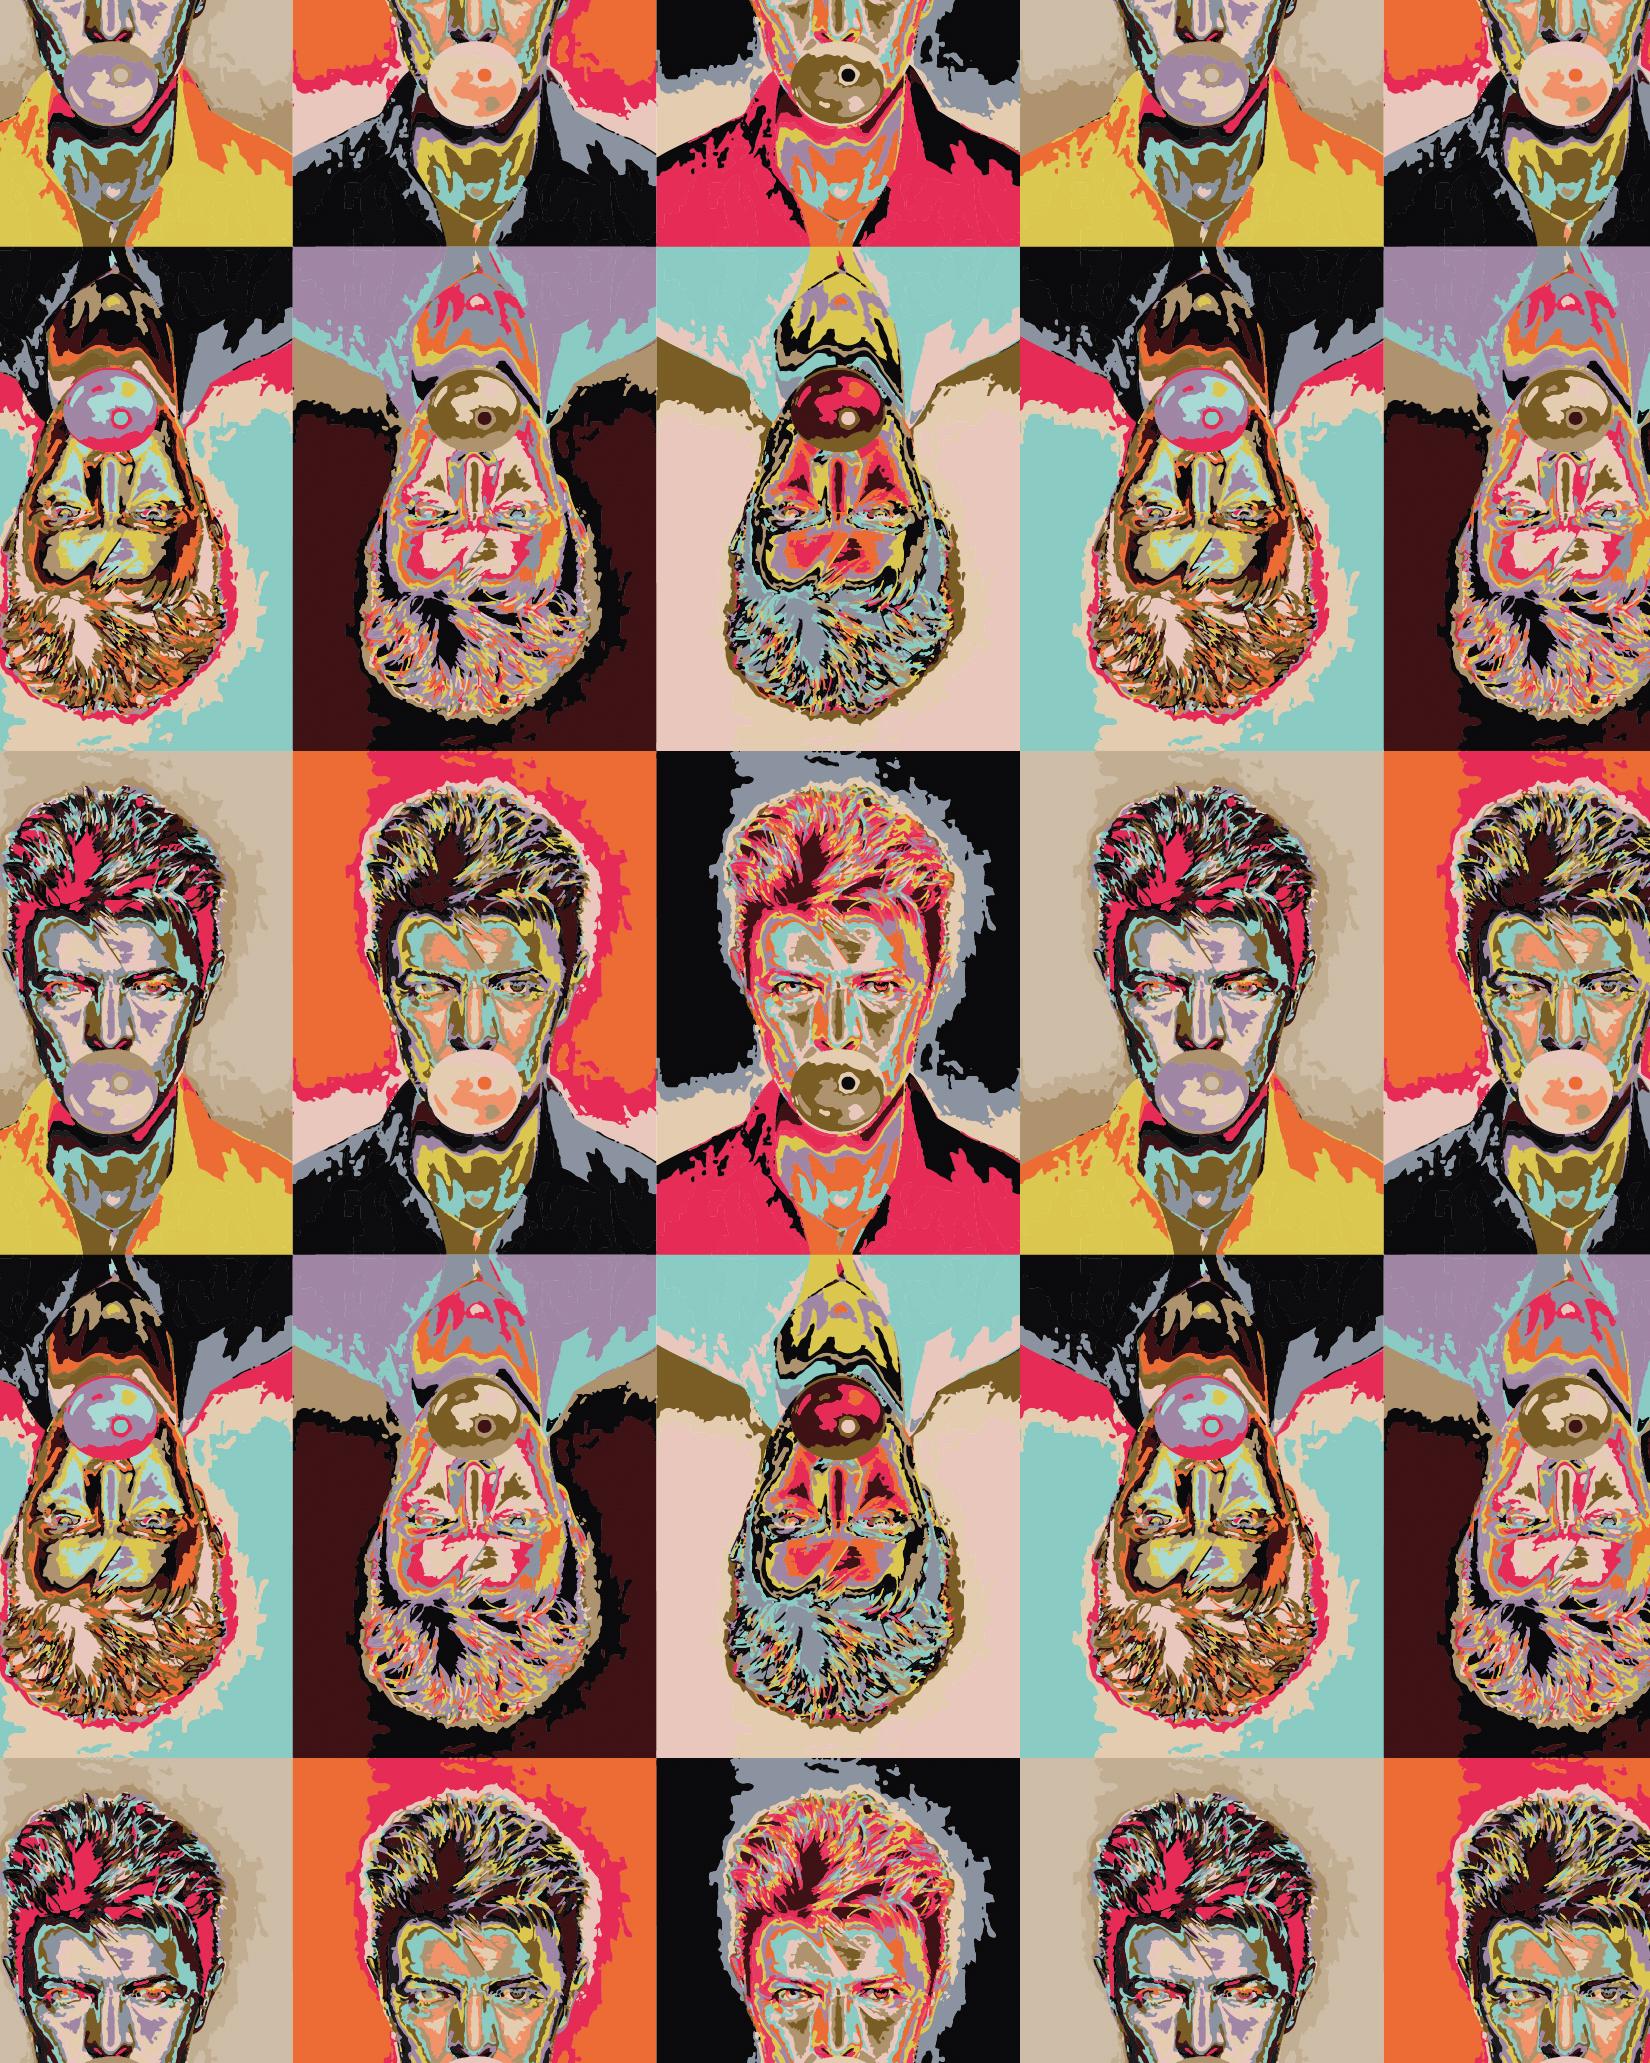 jadesign-bhavana-II-09-02.jpg